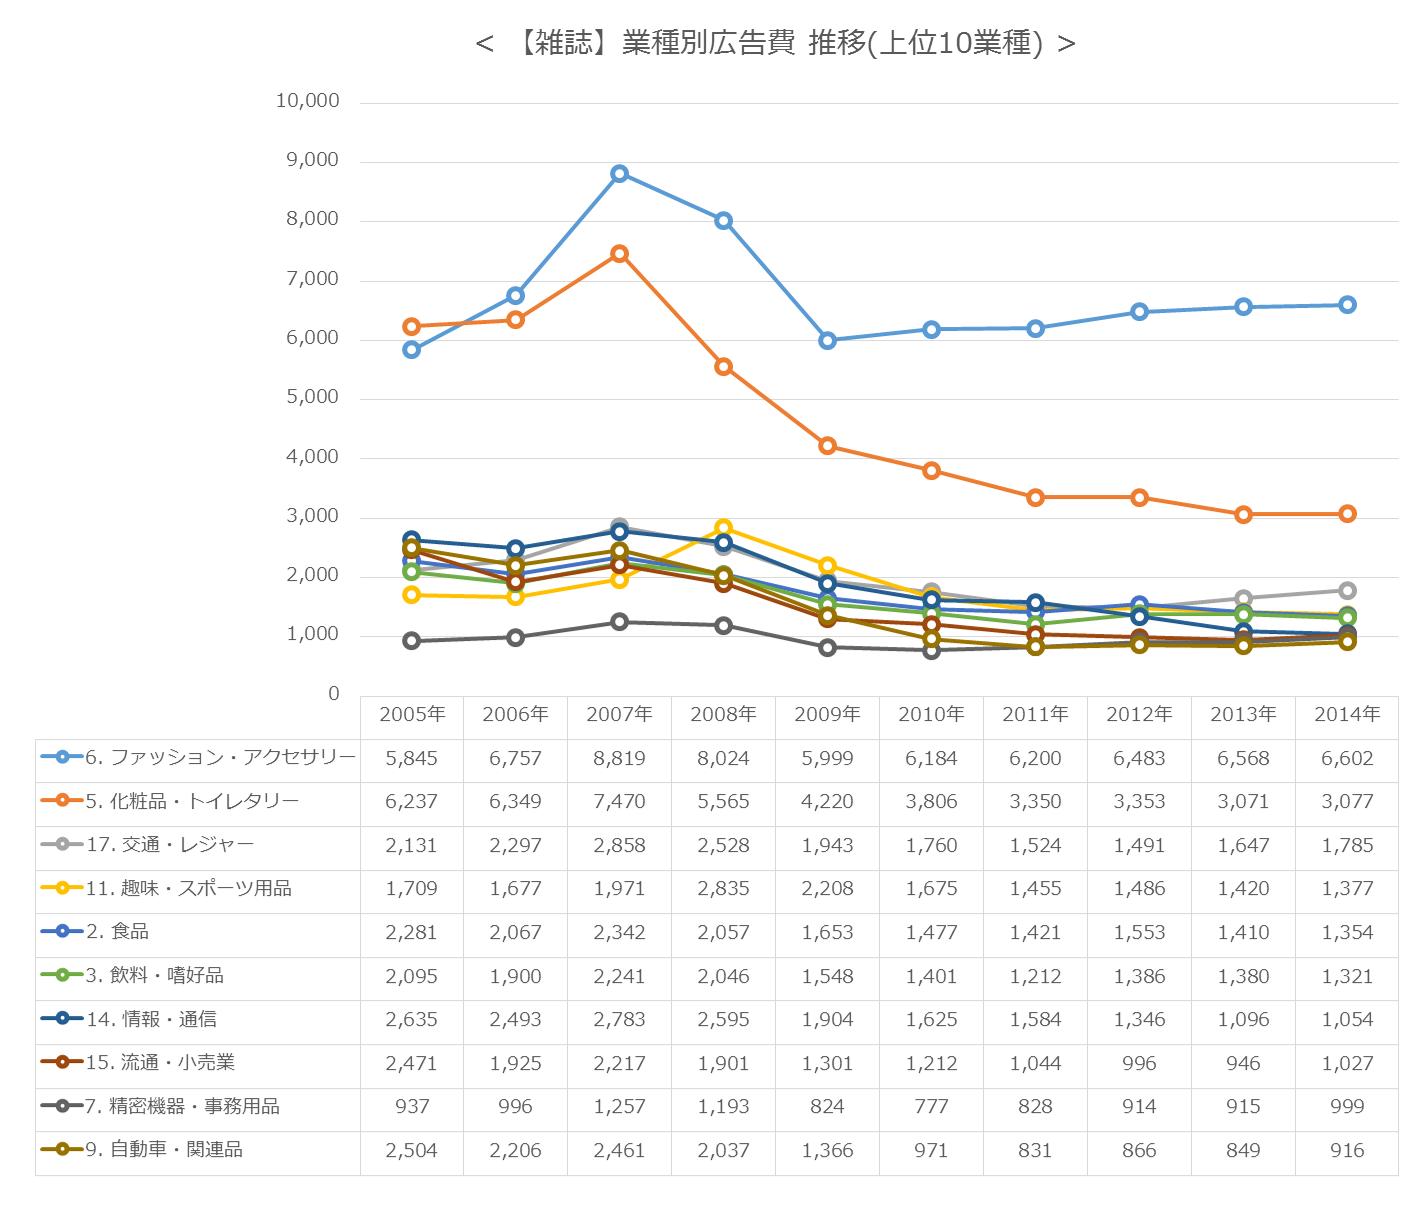 【雑誌】業種別広告費 推移(上位10業種)